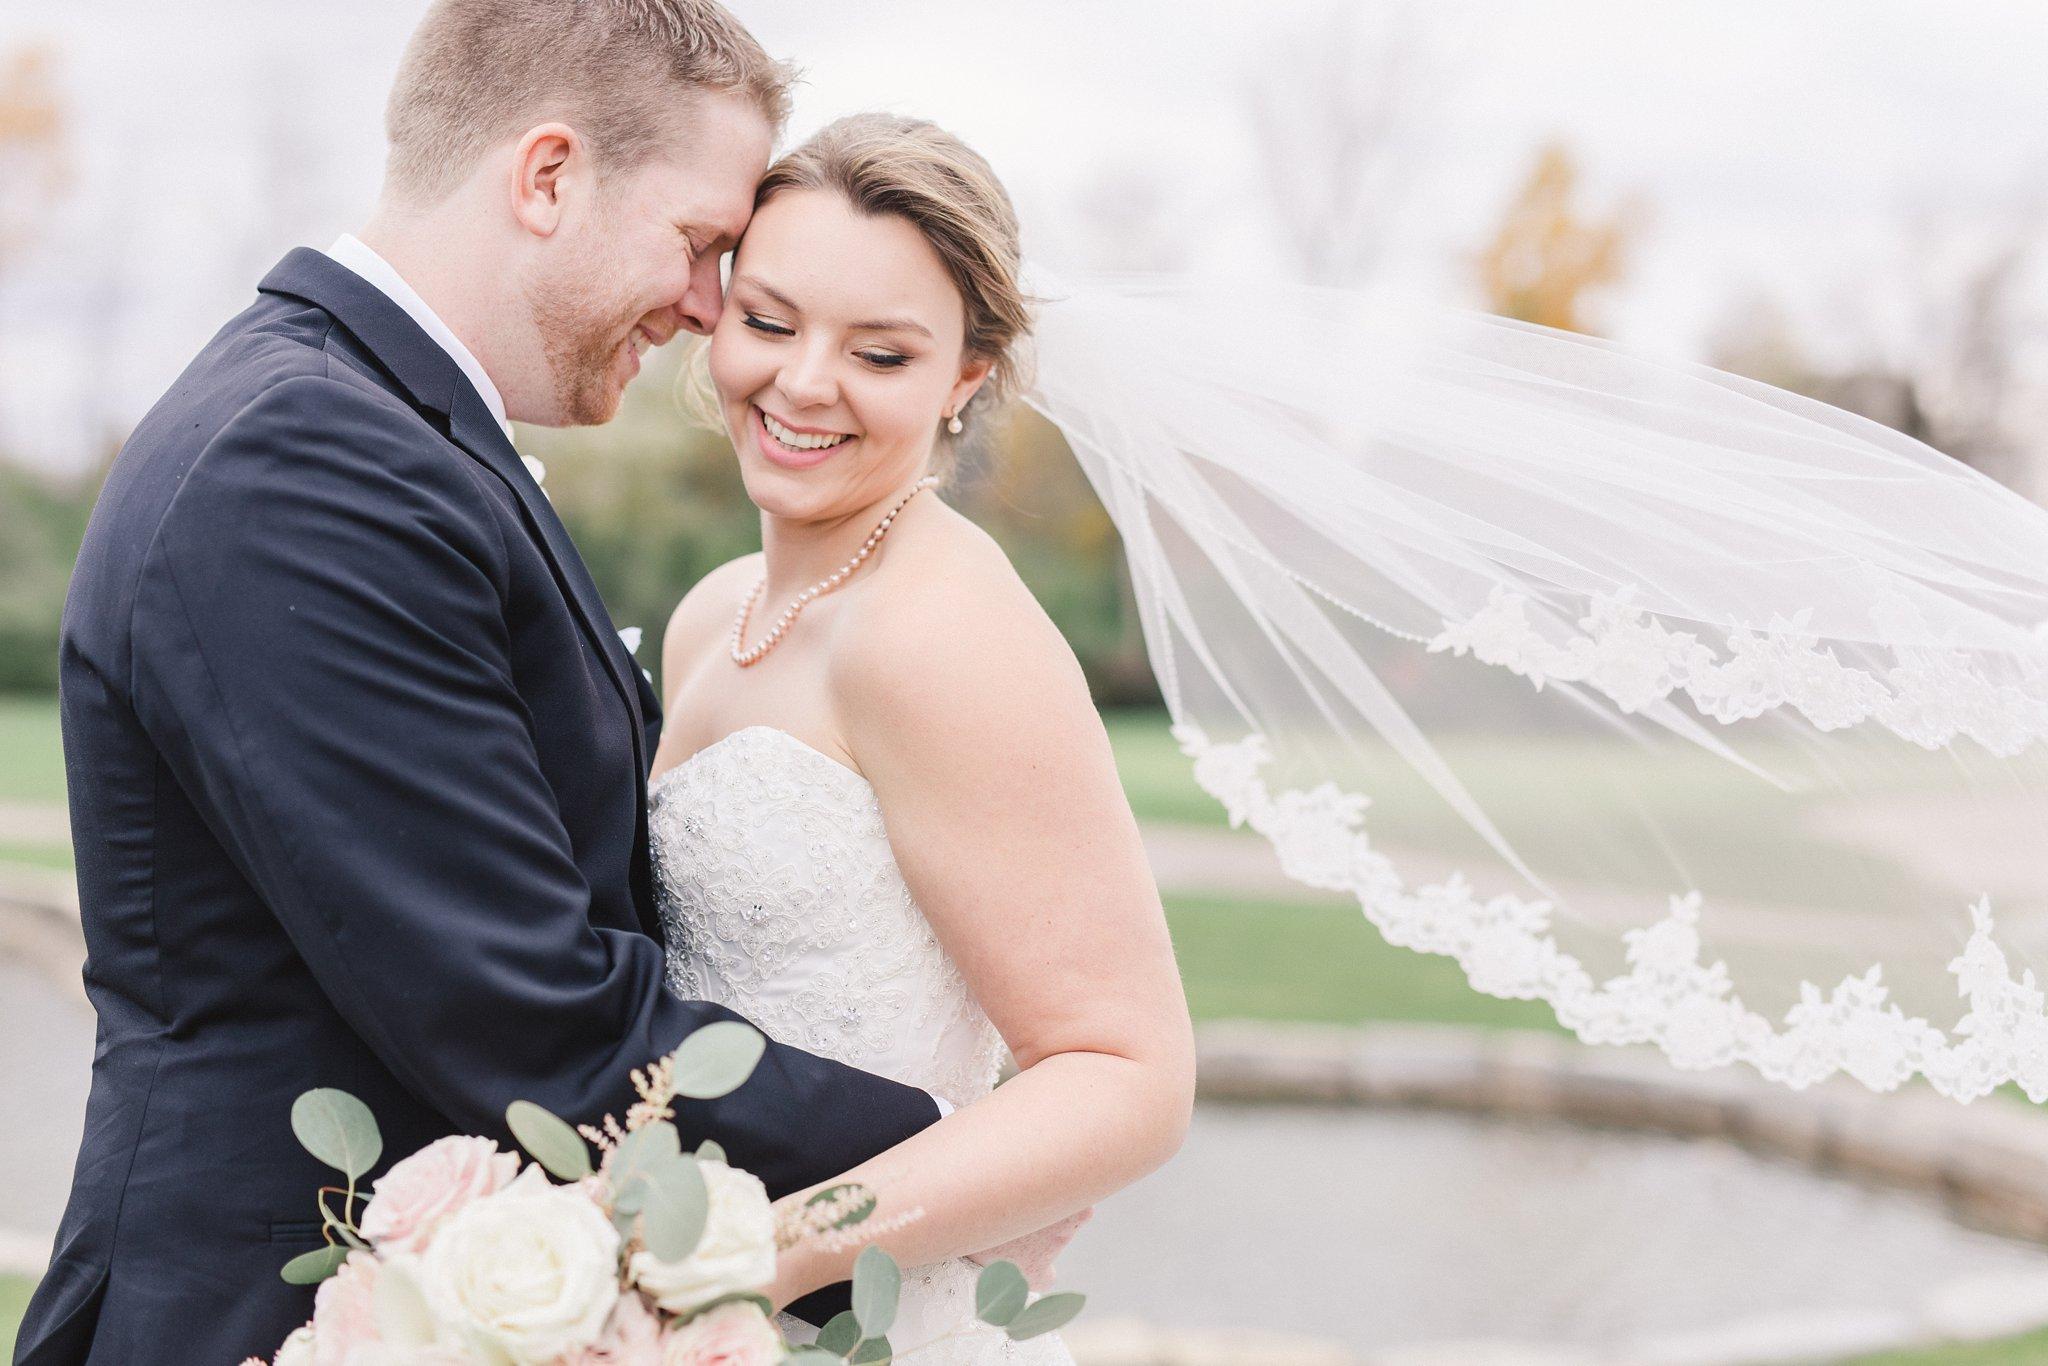 Club de Golf Gatineau Golf Country club wedding, veil blowing in wind, happy bride